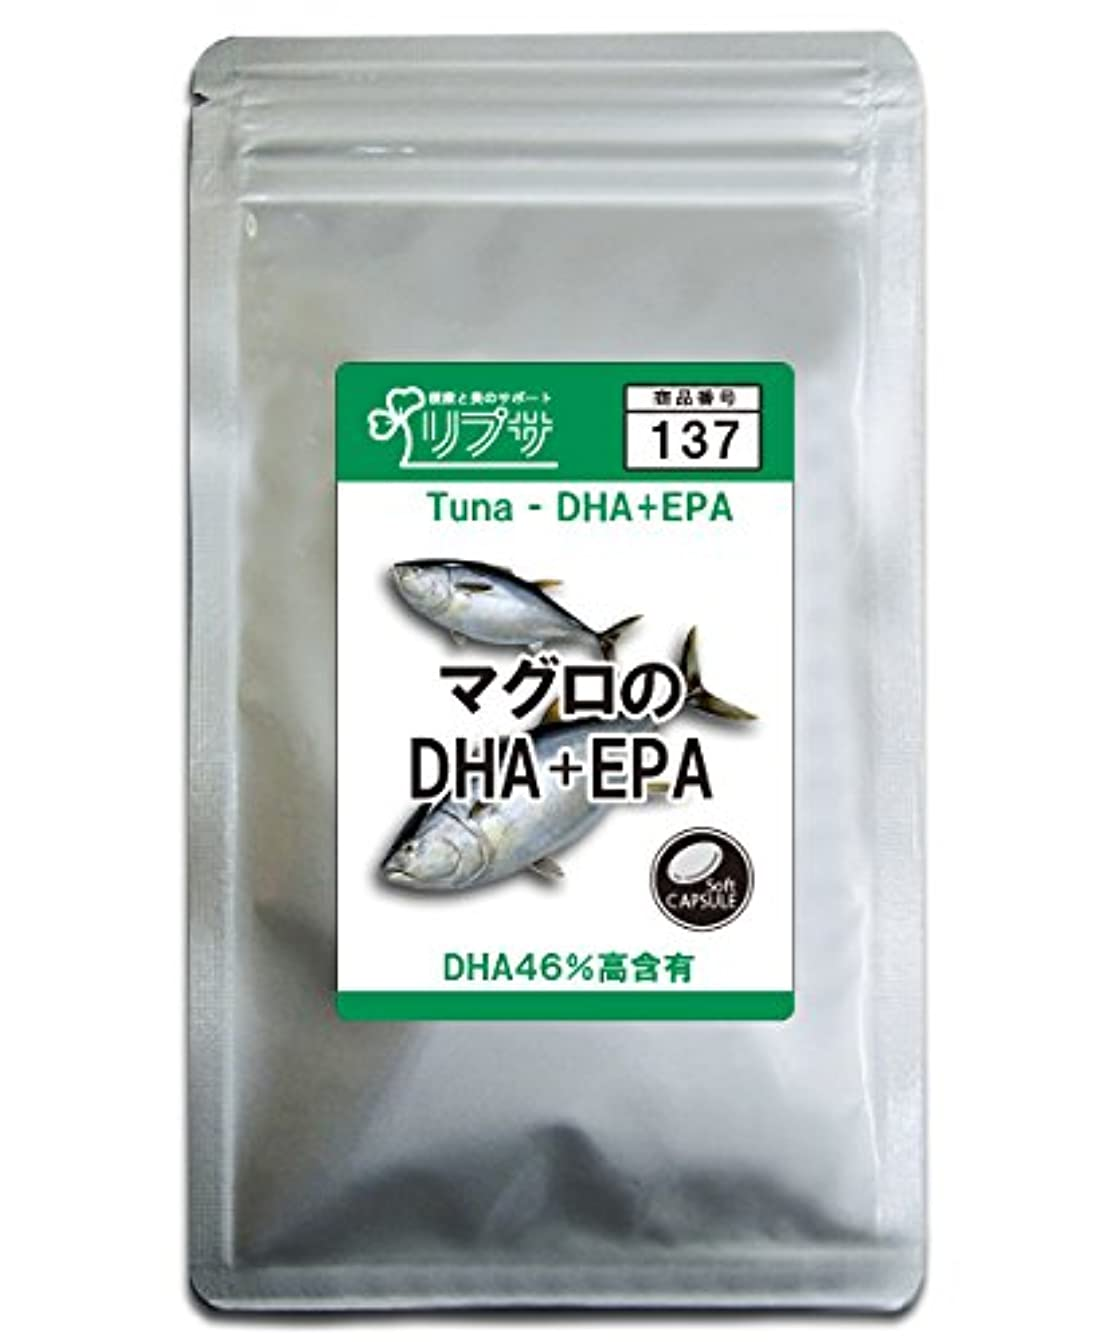 ドラッグスリチンモイアンビエントマグロのDHA+EPA 約3か月分 C-137